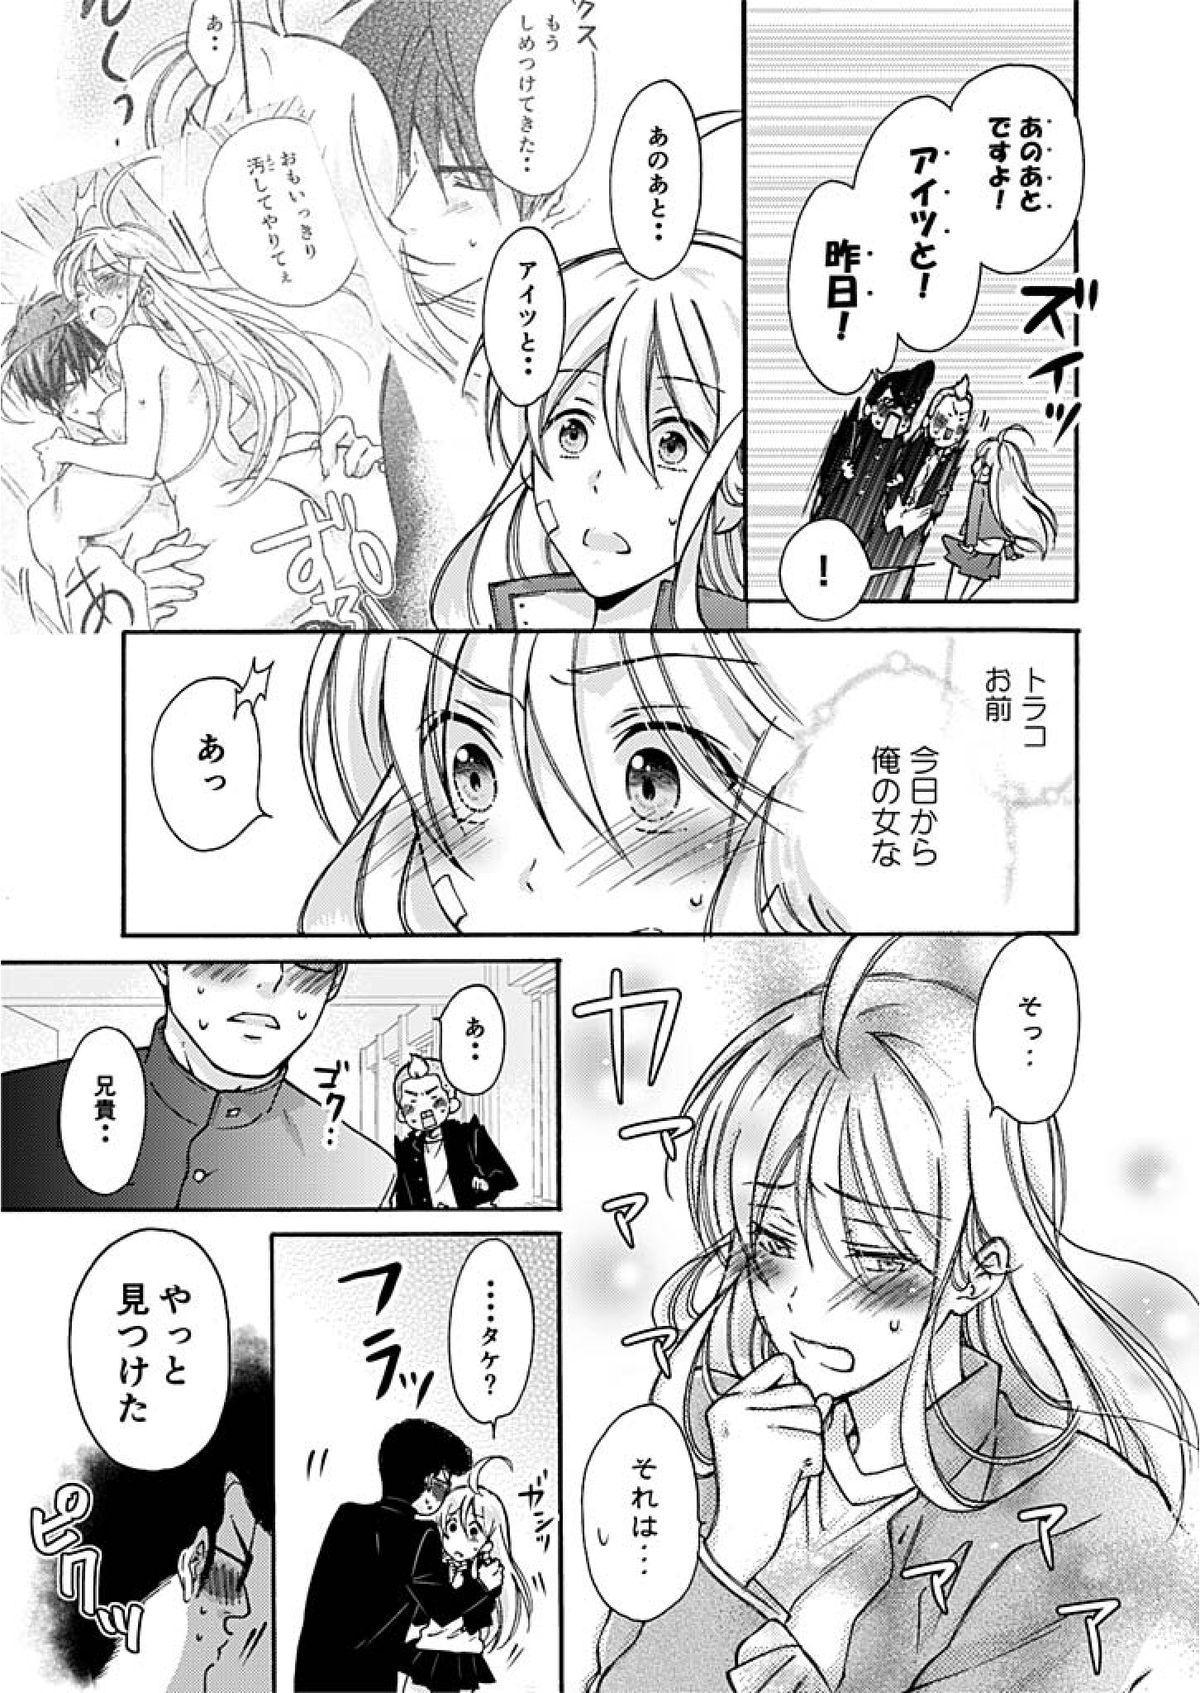 Nyotaika Yankee Gakuen ☆ Ore no Hajimete, Nerawaretemasu. 2 5